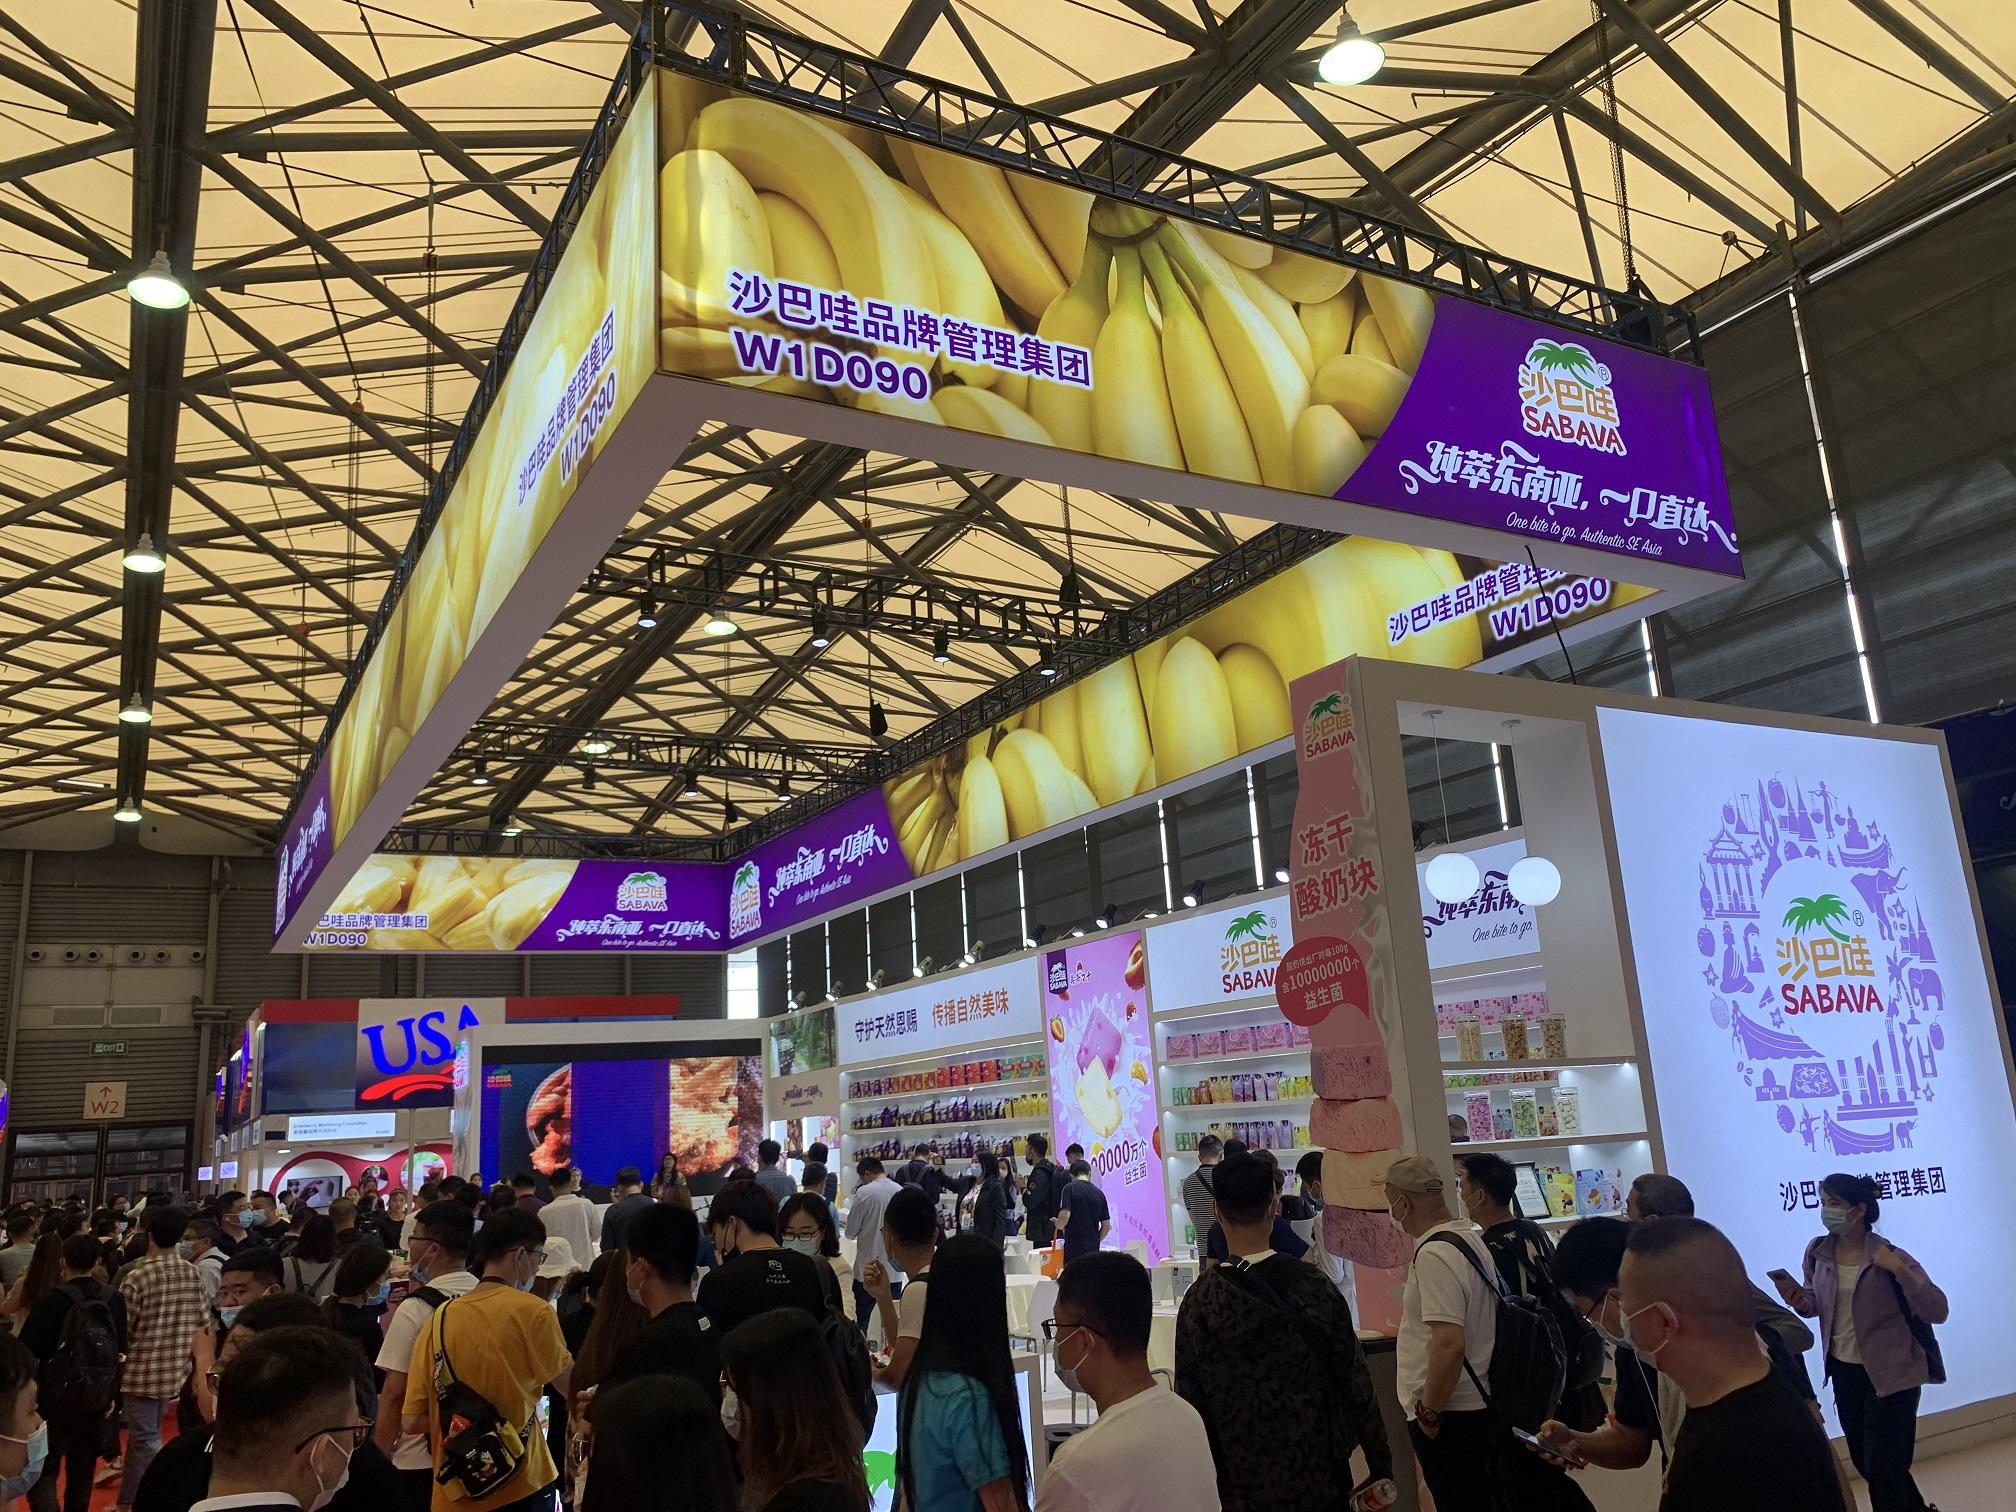 2021 SIAL 国际食品展今日开幕,沙巴哇新品喜获三大奖,展位非洲鼓演出引爆全场!